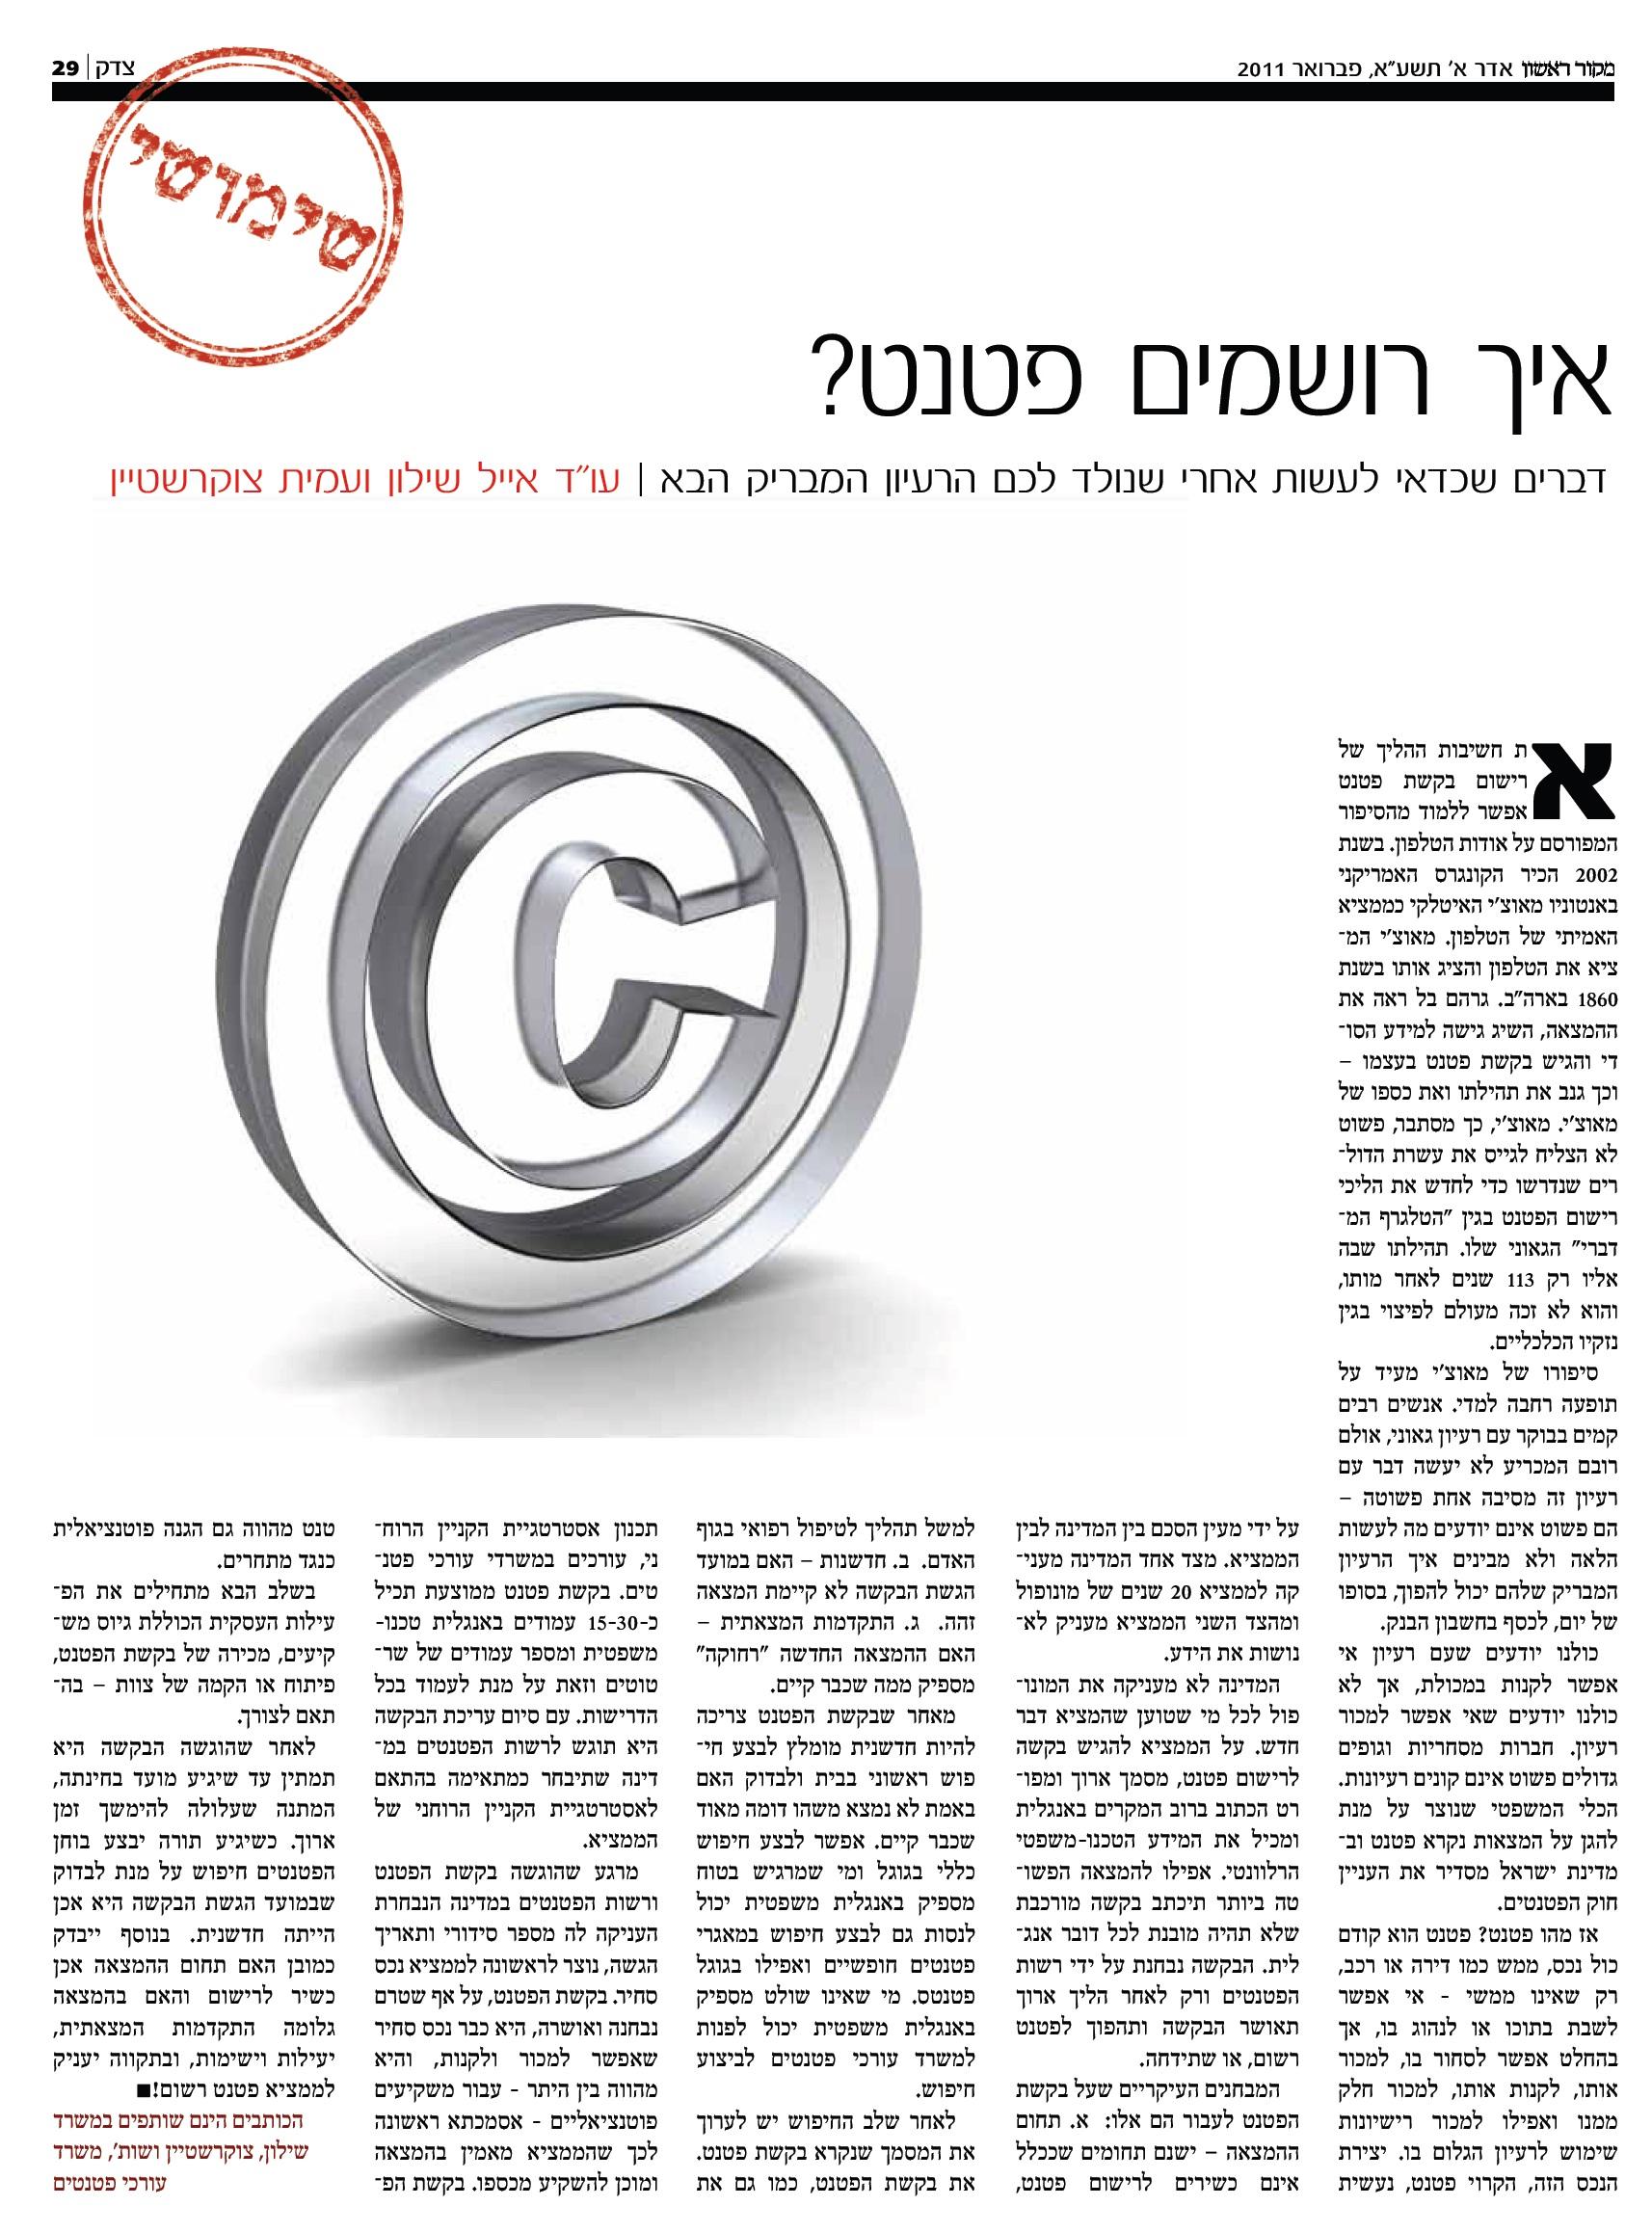 מקור ראשון (עיתון), פברואר 2011, איך רושמים פטנט? דברים שכדאי לעשות אחרי שנולד לכם הרעיון המבריק הבא